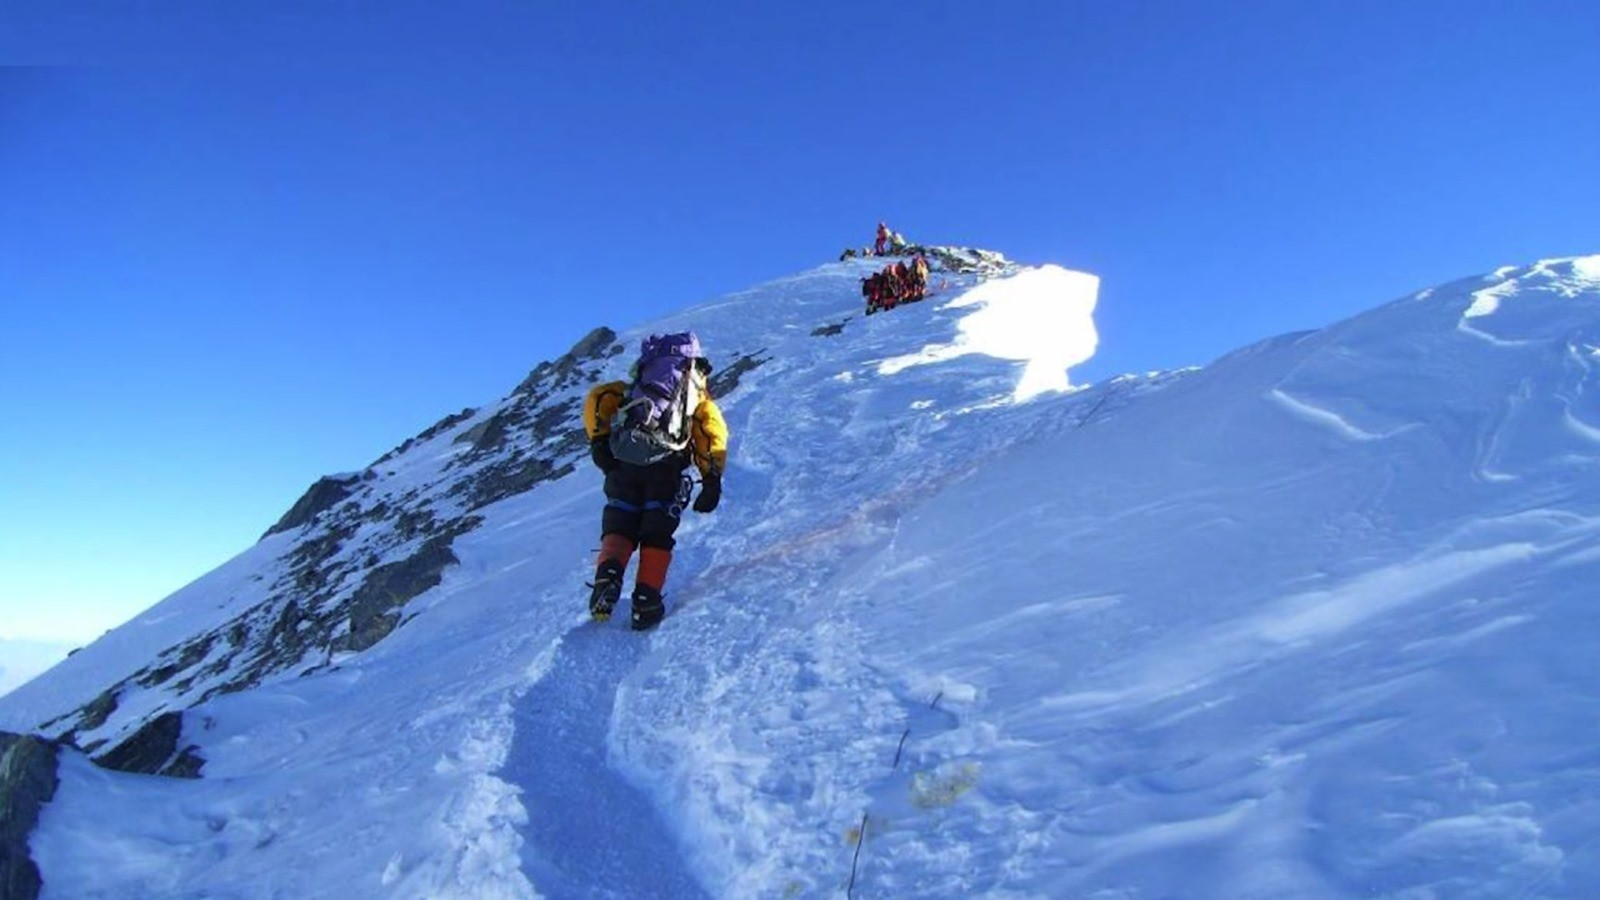 Comment les sherpas surmontent le manque d'oxygène rencontré sur l'Everest